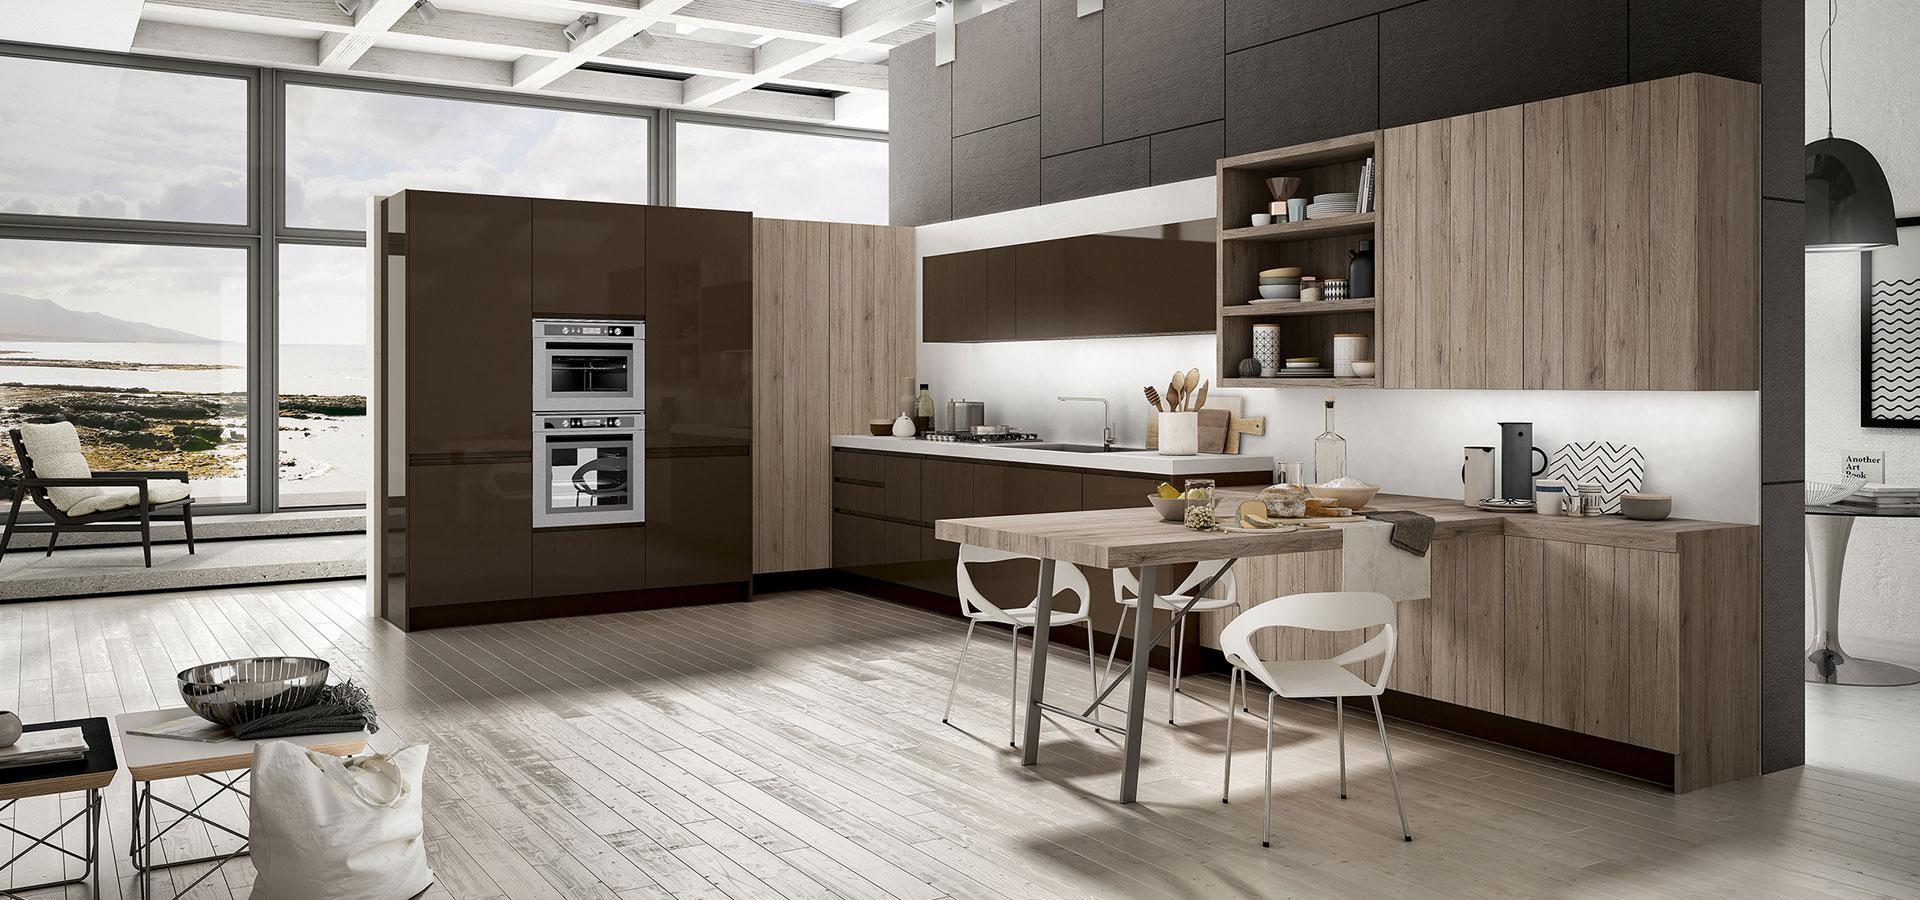 Cucine bicolore: pro e (pochi) contro di una scelta di ...